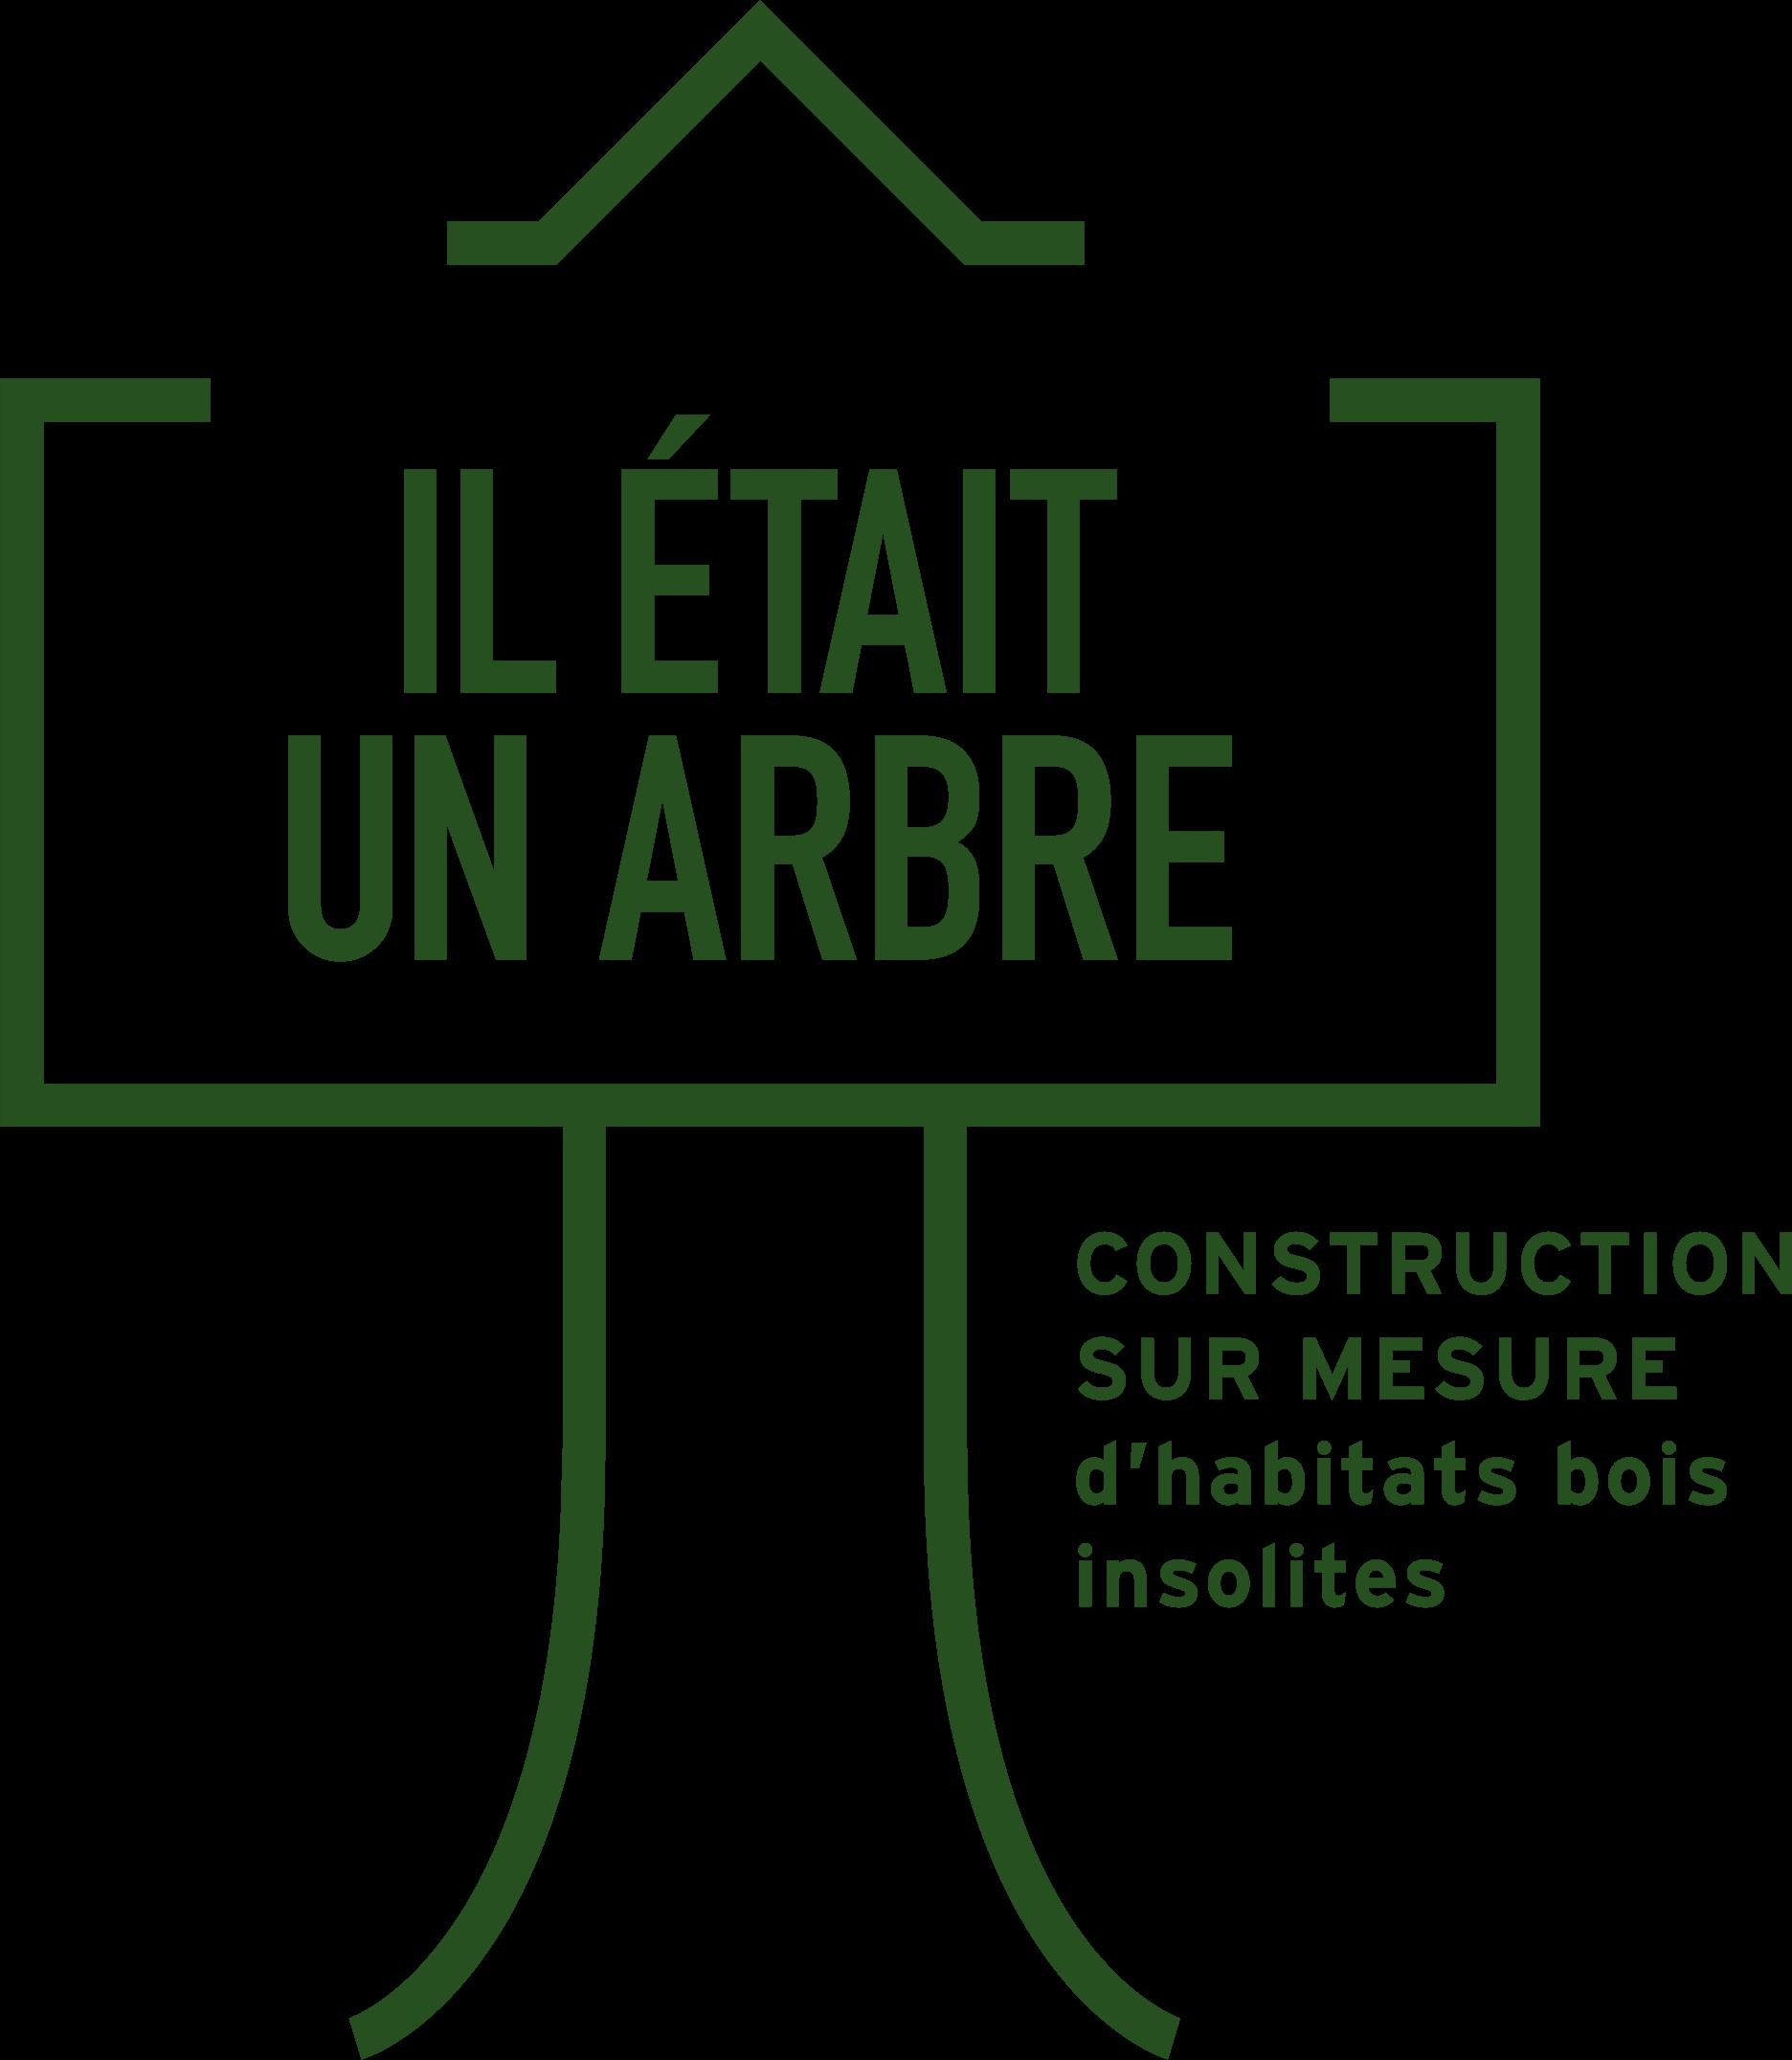 Il Était Un Arbre - Construction de cabanes dans les arbres dans les Vosges